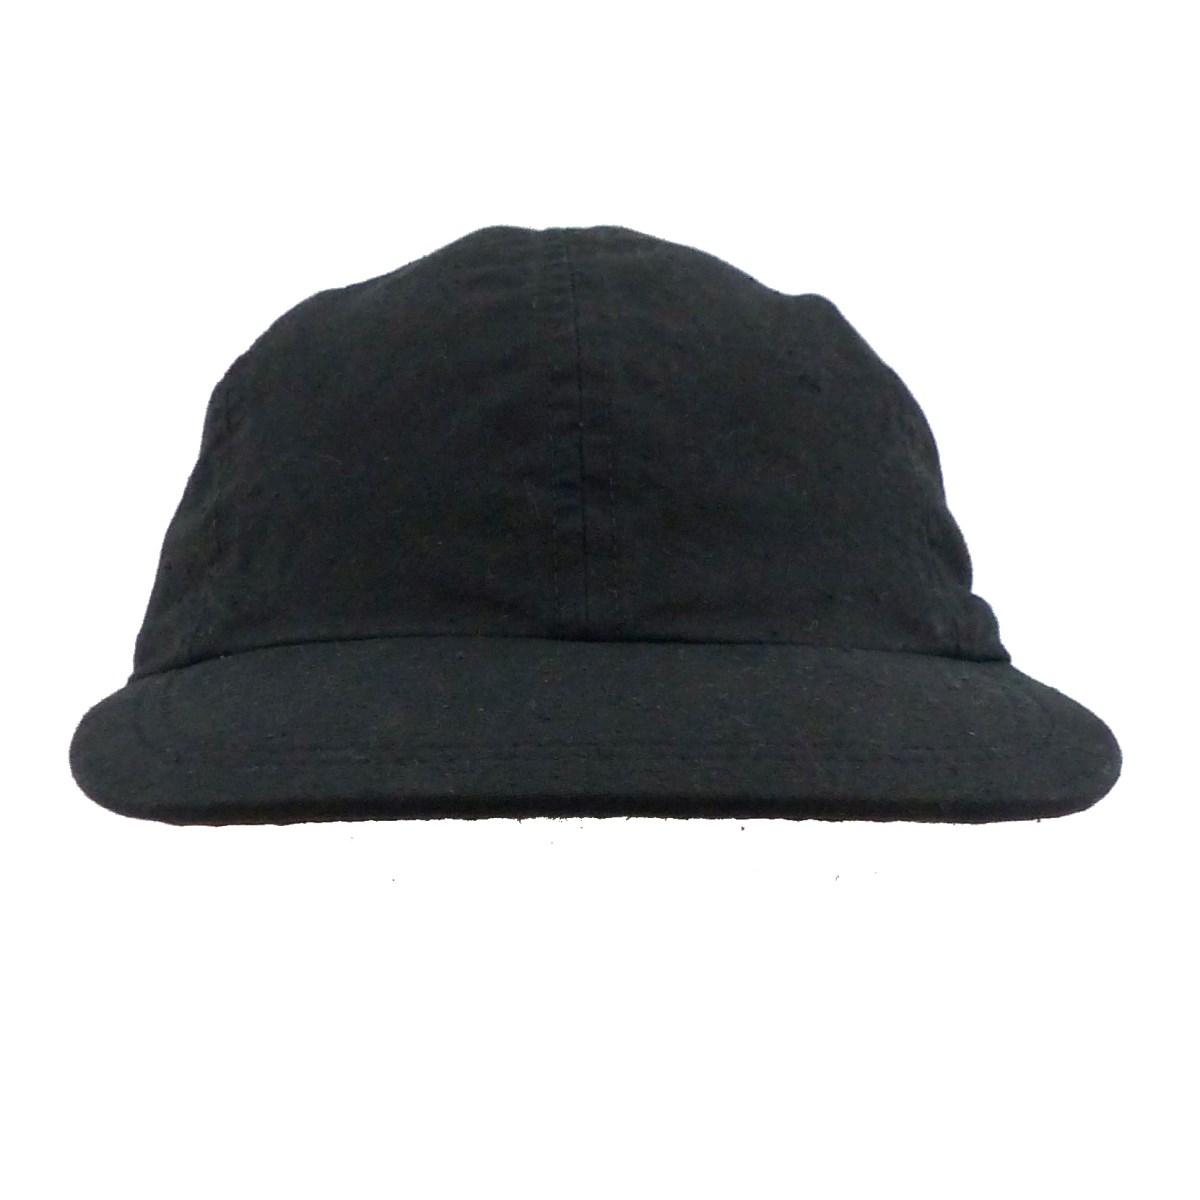 【中古】KIJIMA TAKAYUKI×スタイリスト私物 ORGANIC COTTON CAP ブラック サイズ:S 【210320】(キジマタカユキ×スタイリストシブツ)